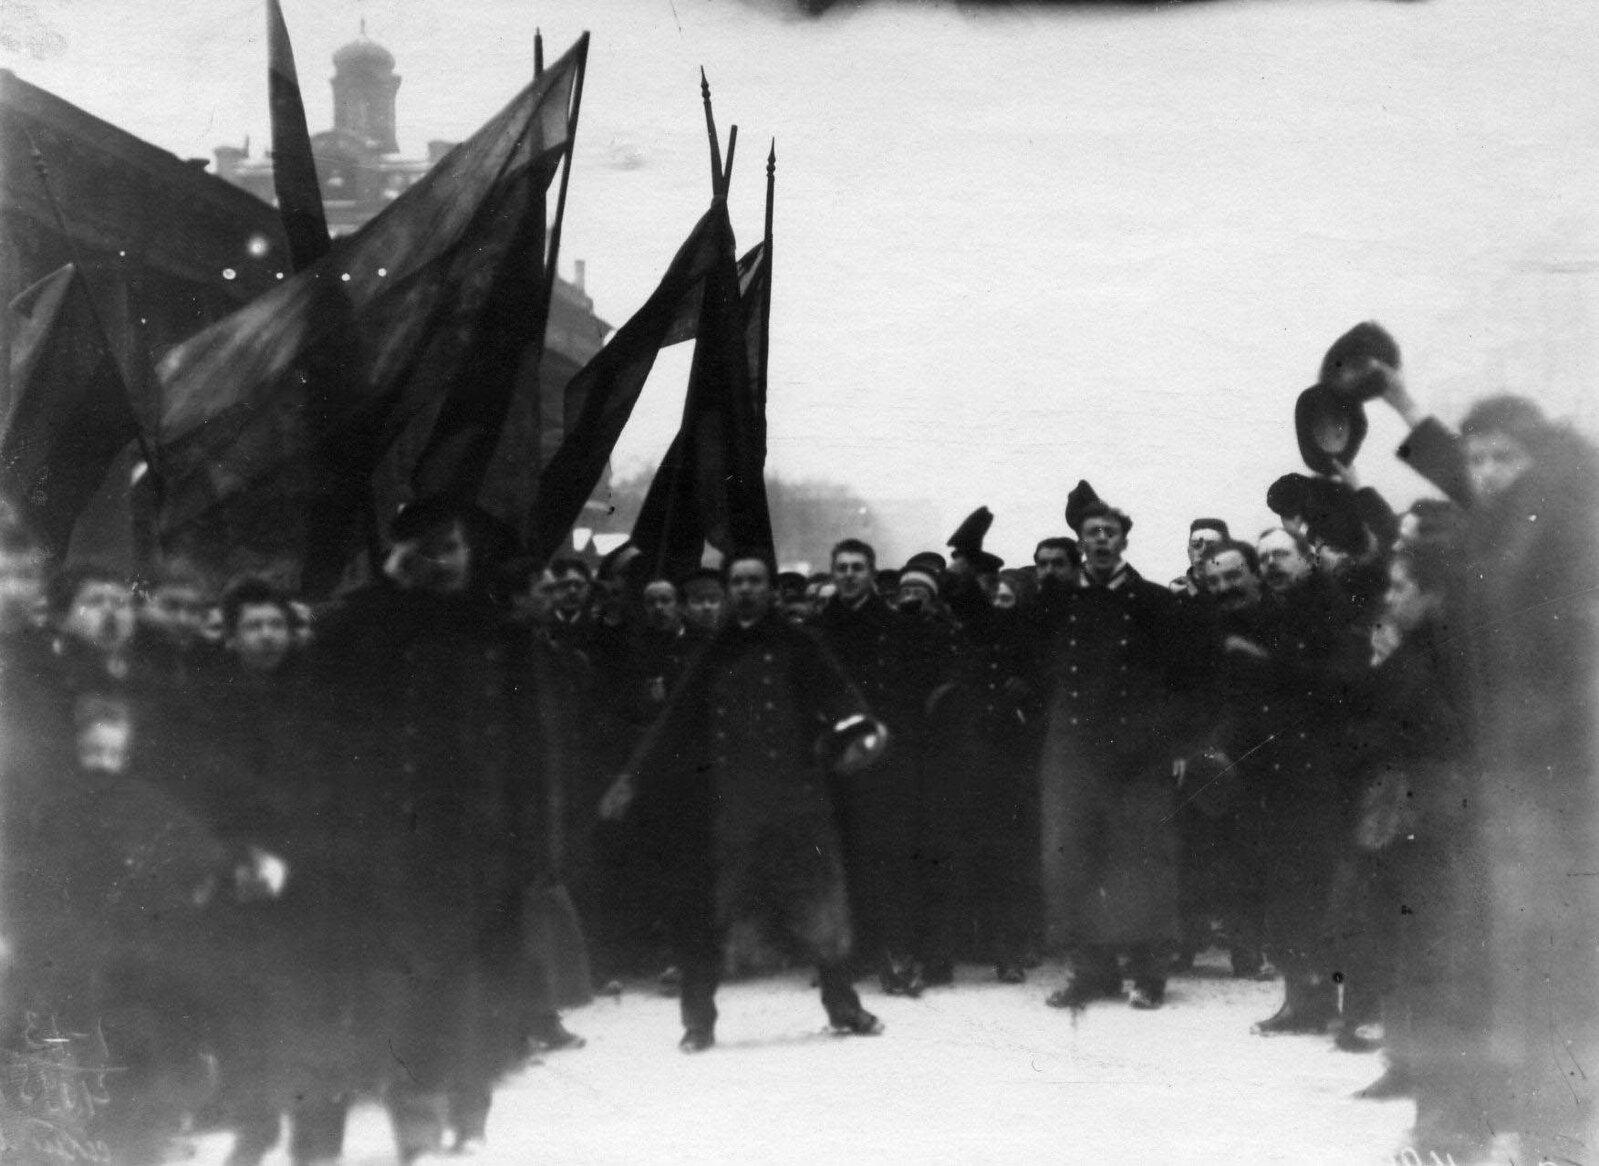 19. 1912. Демонстрация протеста на Невском проспекте. Санкт-Петербург. 15 апреля